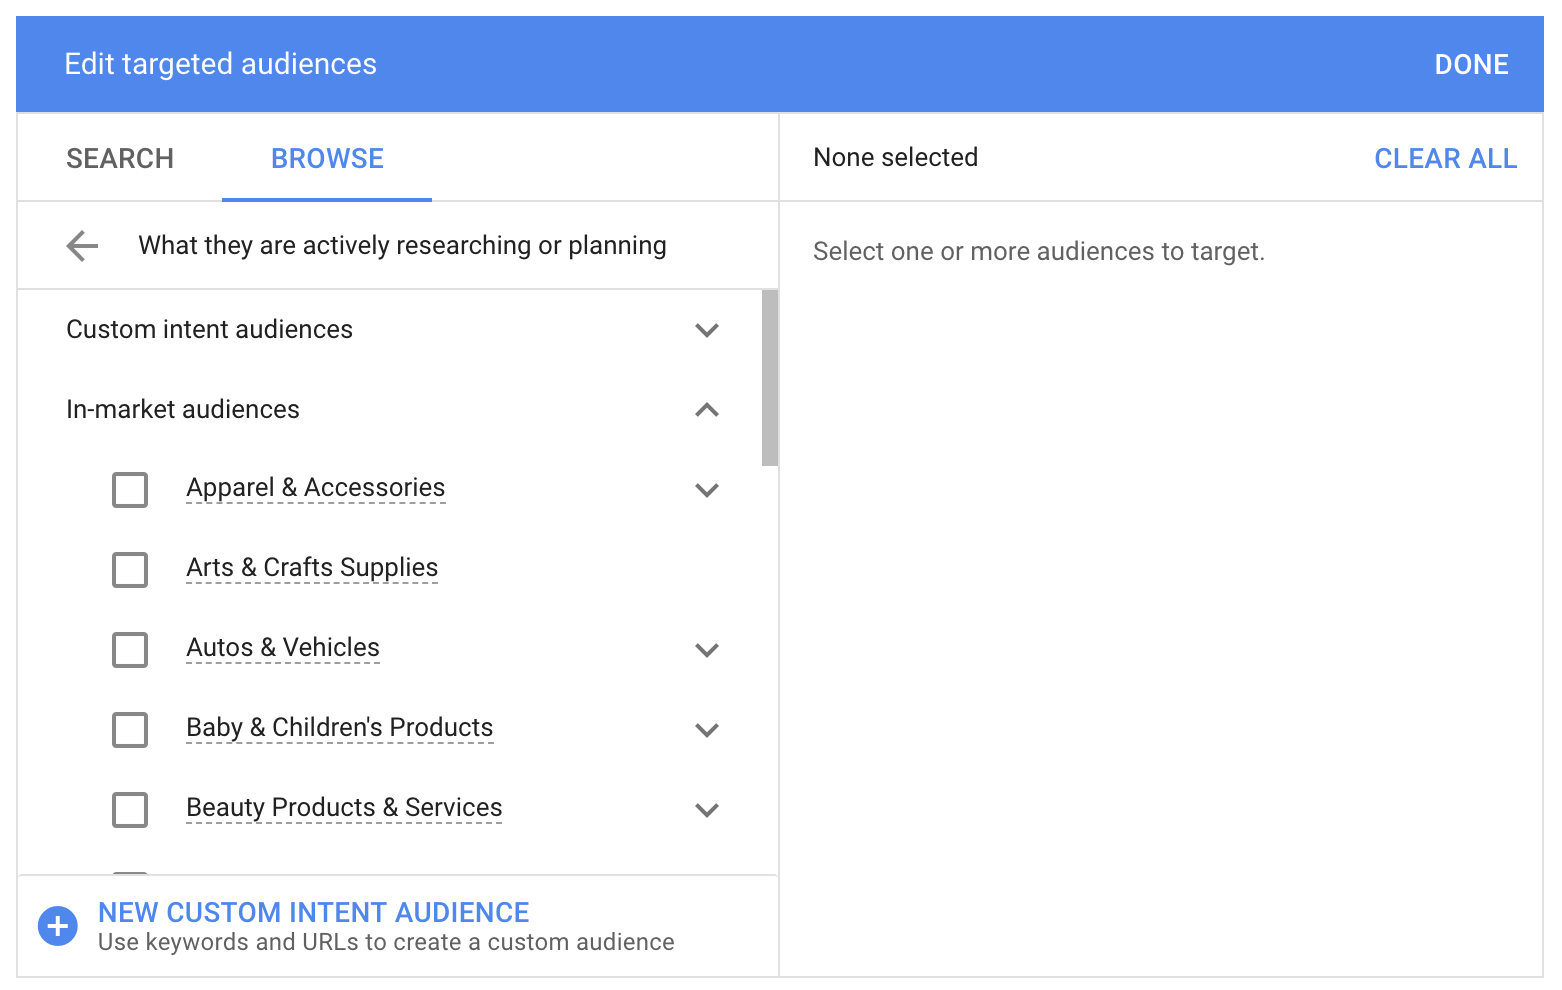 In-Market Audiences - List of Verticals